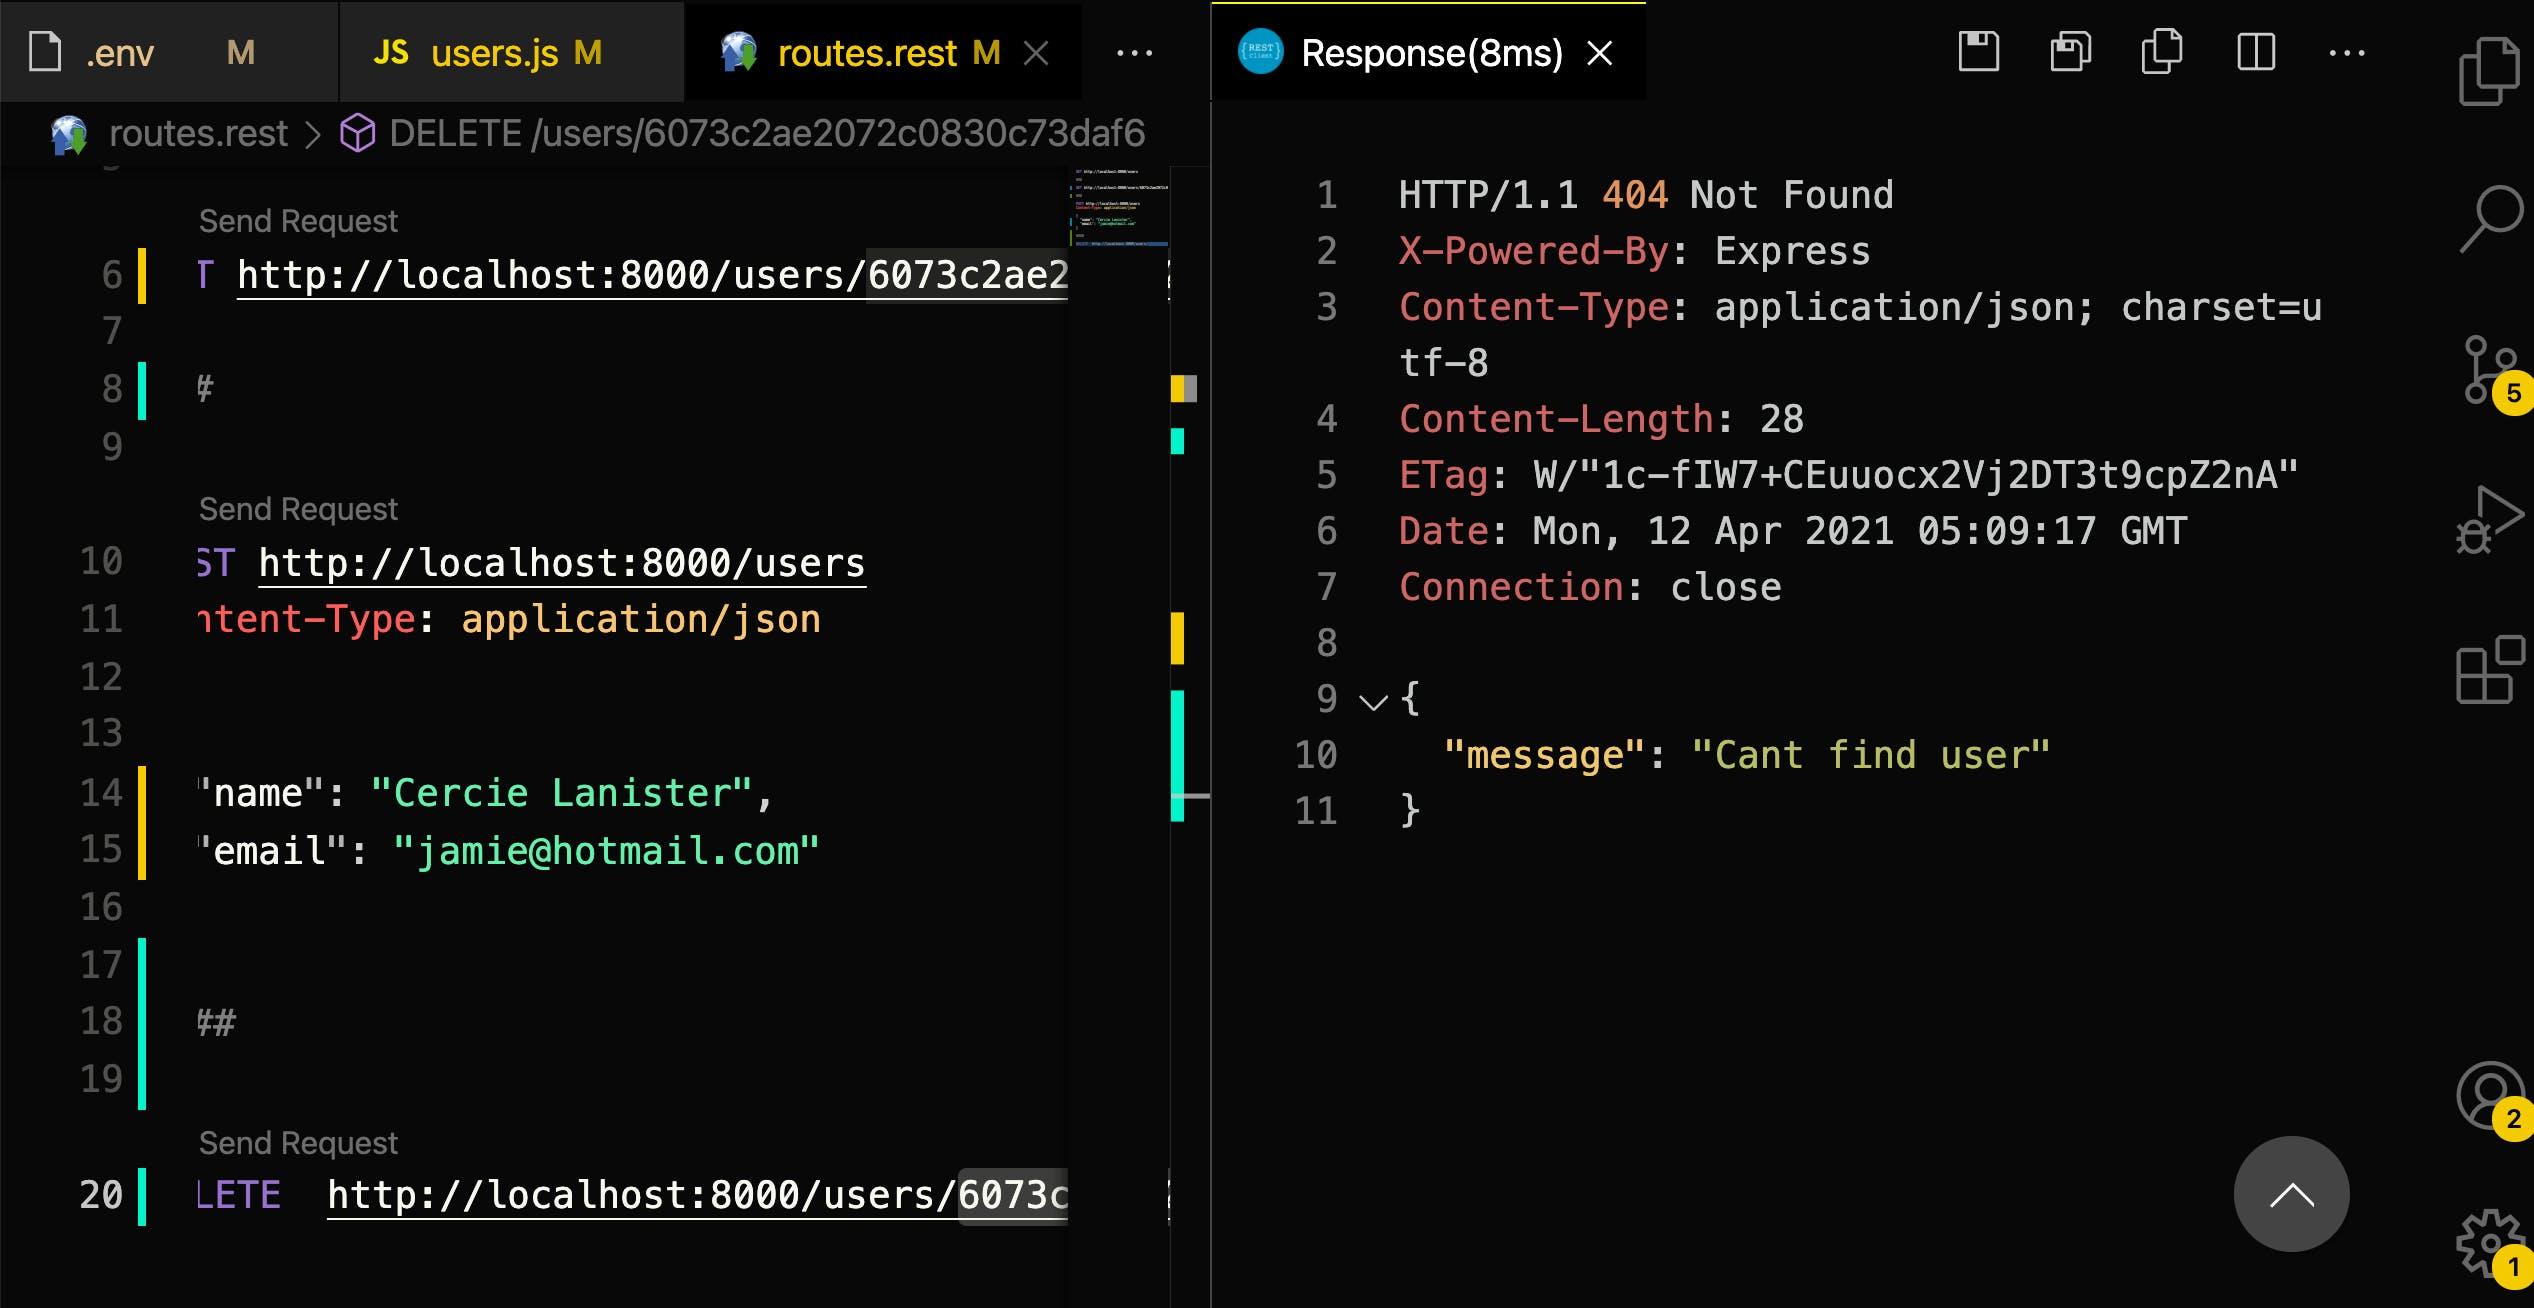 Screenshot 2021-04-12 at 06.09.32.png